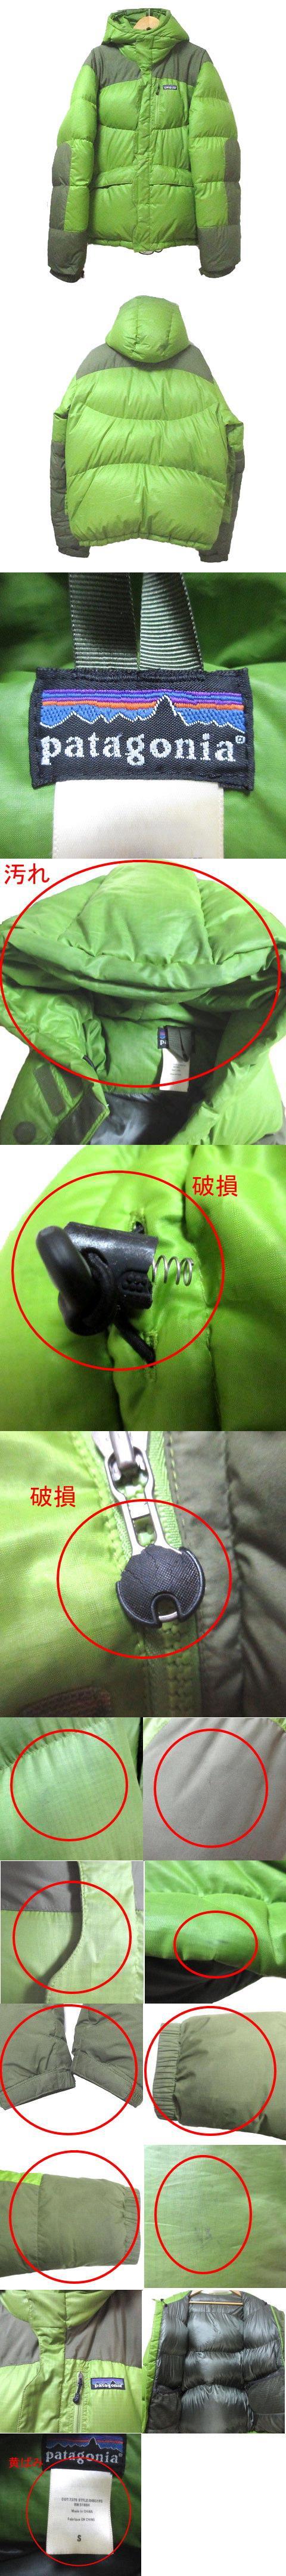 ダウンジャケット 84651F5 ジップ×マジックテープ 緑 グリーン S ドローコード X